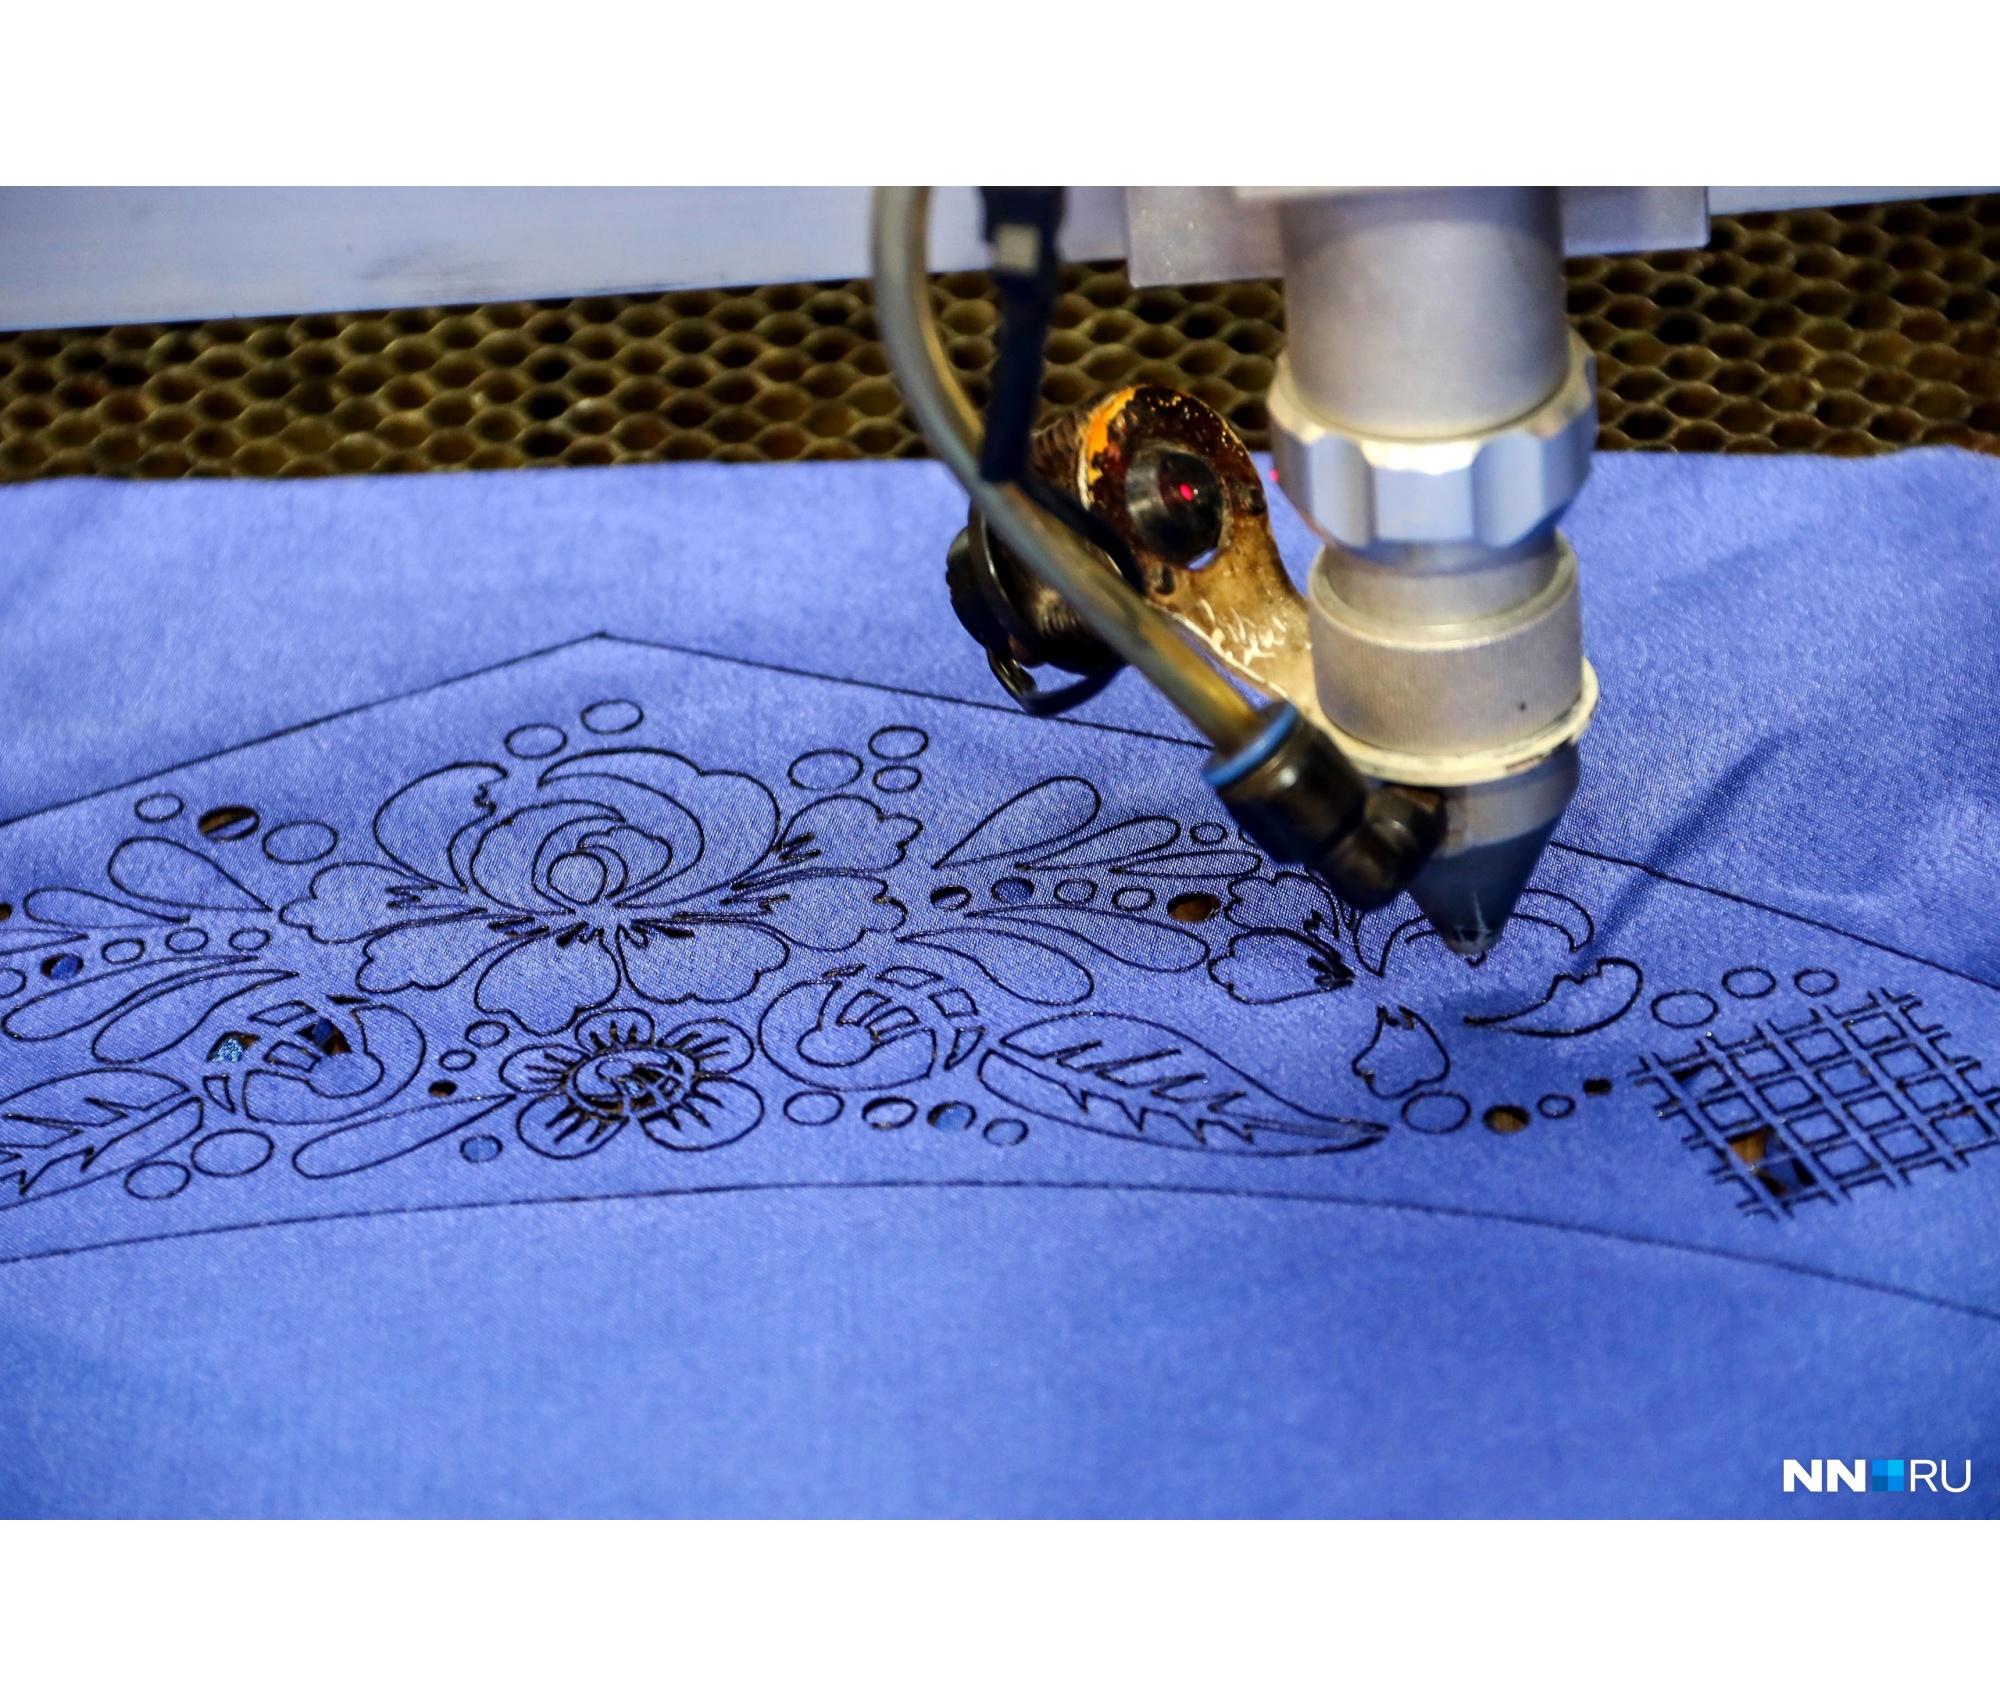 Лазер вырезает на ткани мелкие фигуры по заданному в программу узору